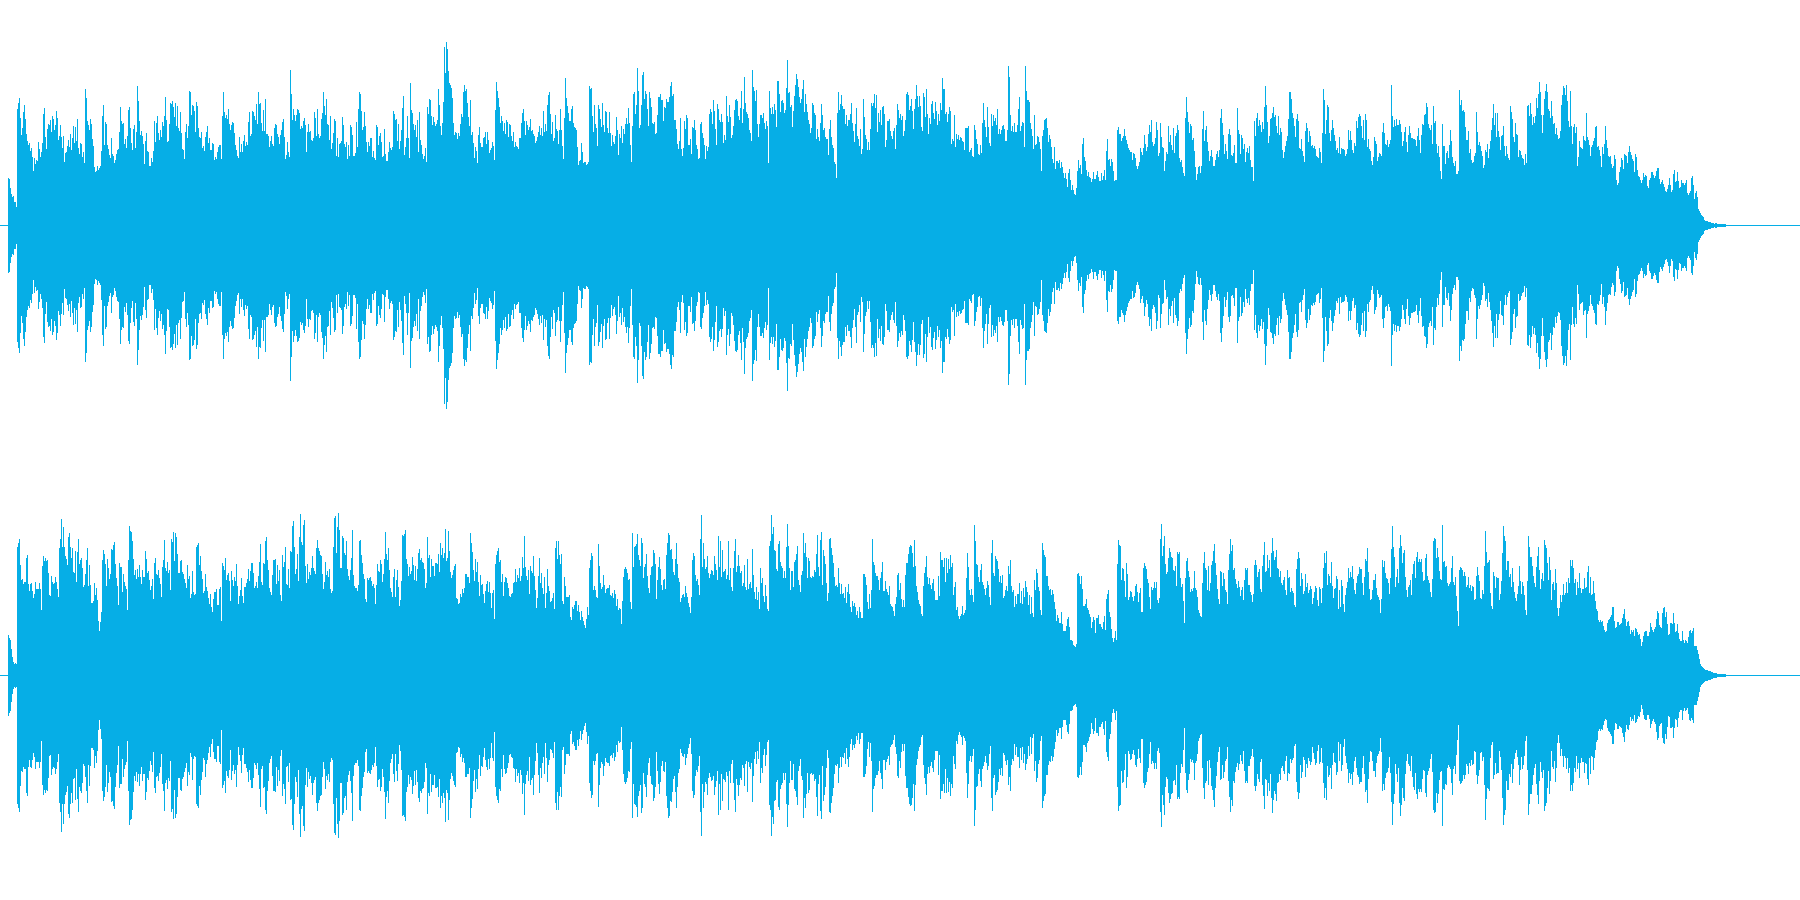 日常的で穏やかな雰囲気のBGMの再生済みの波形